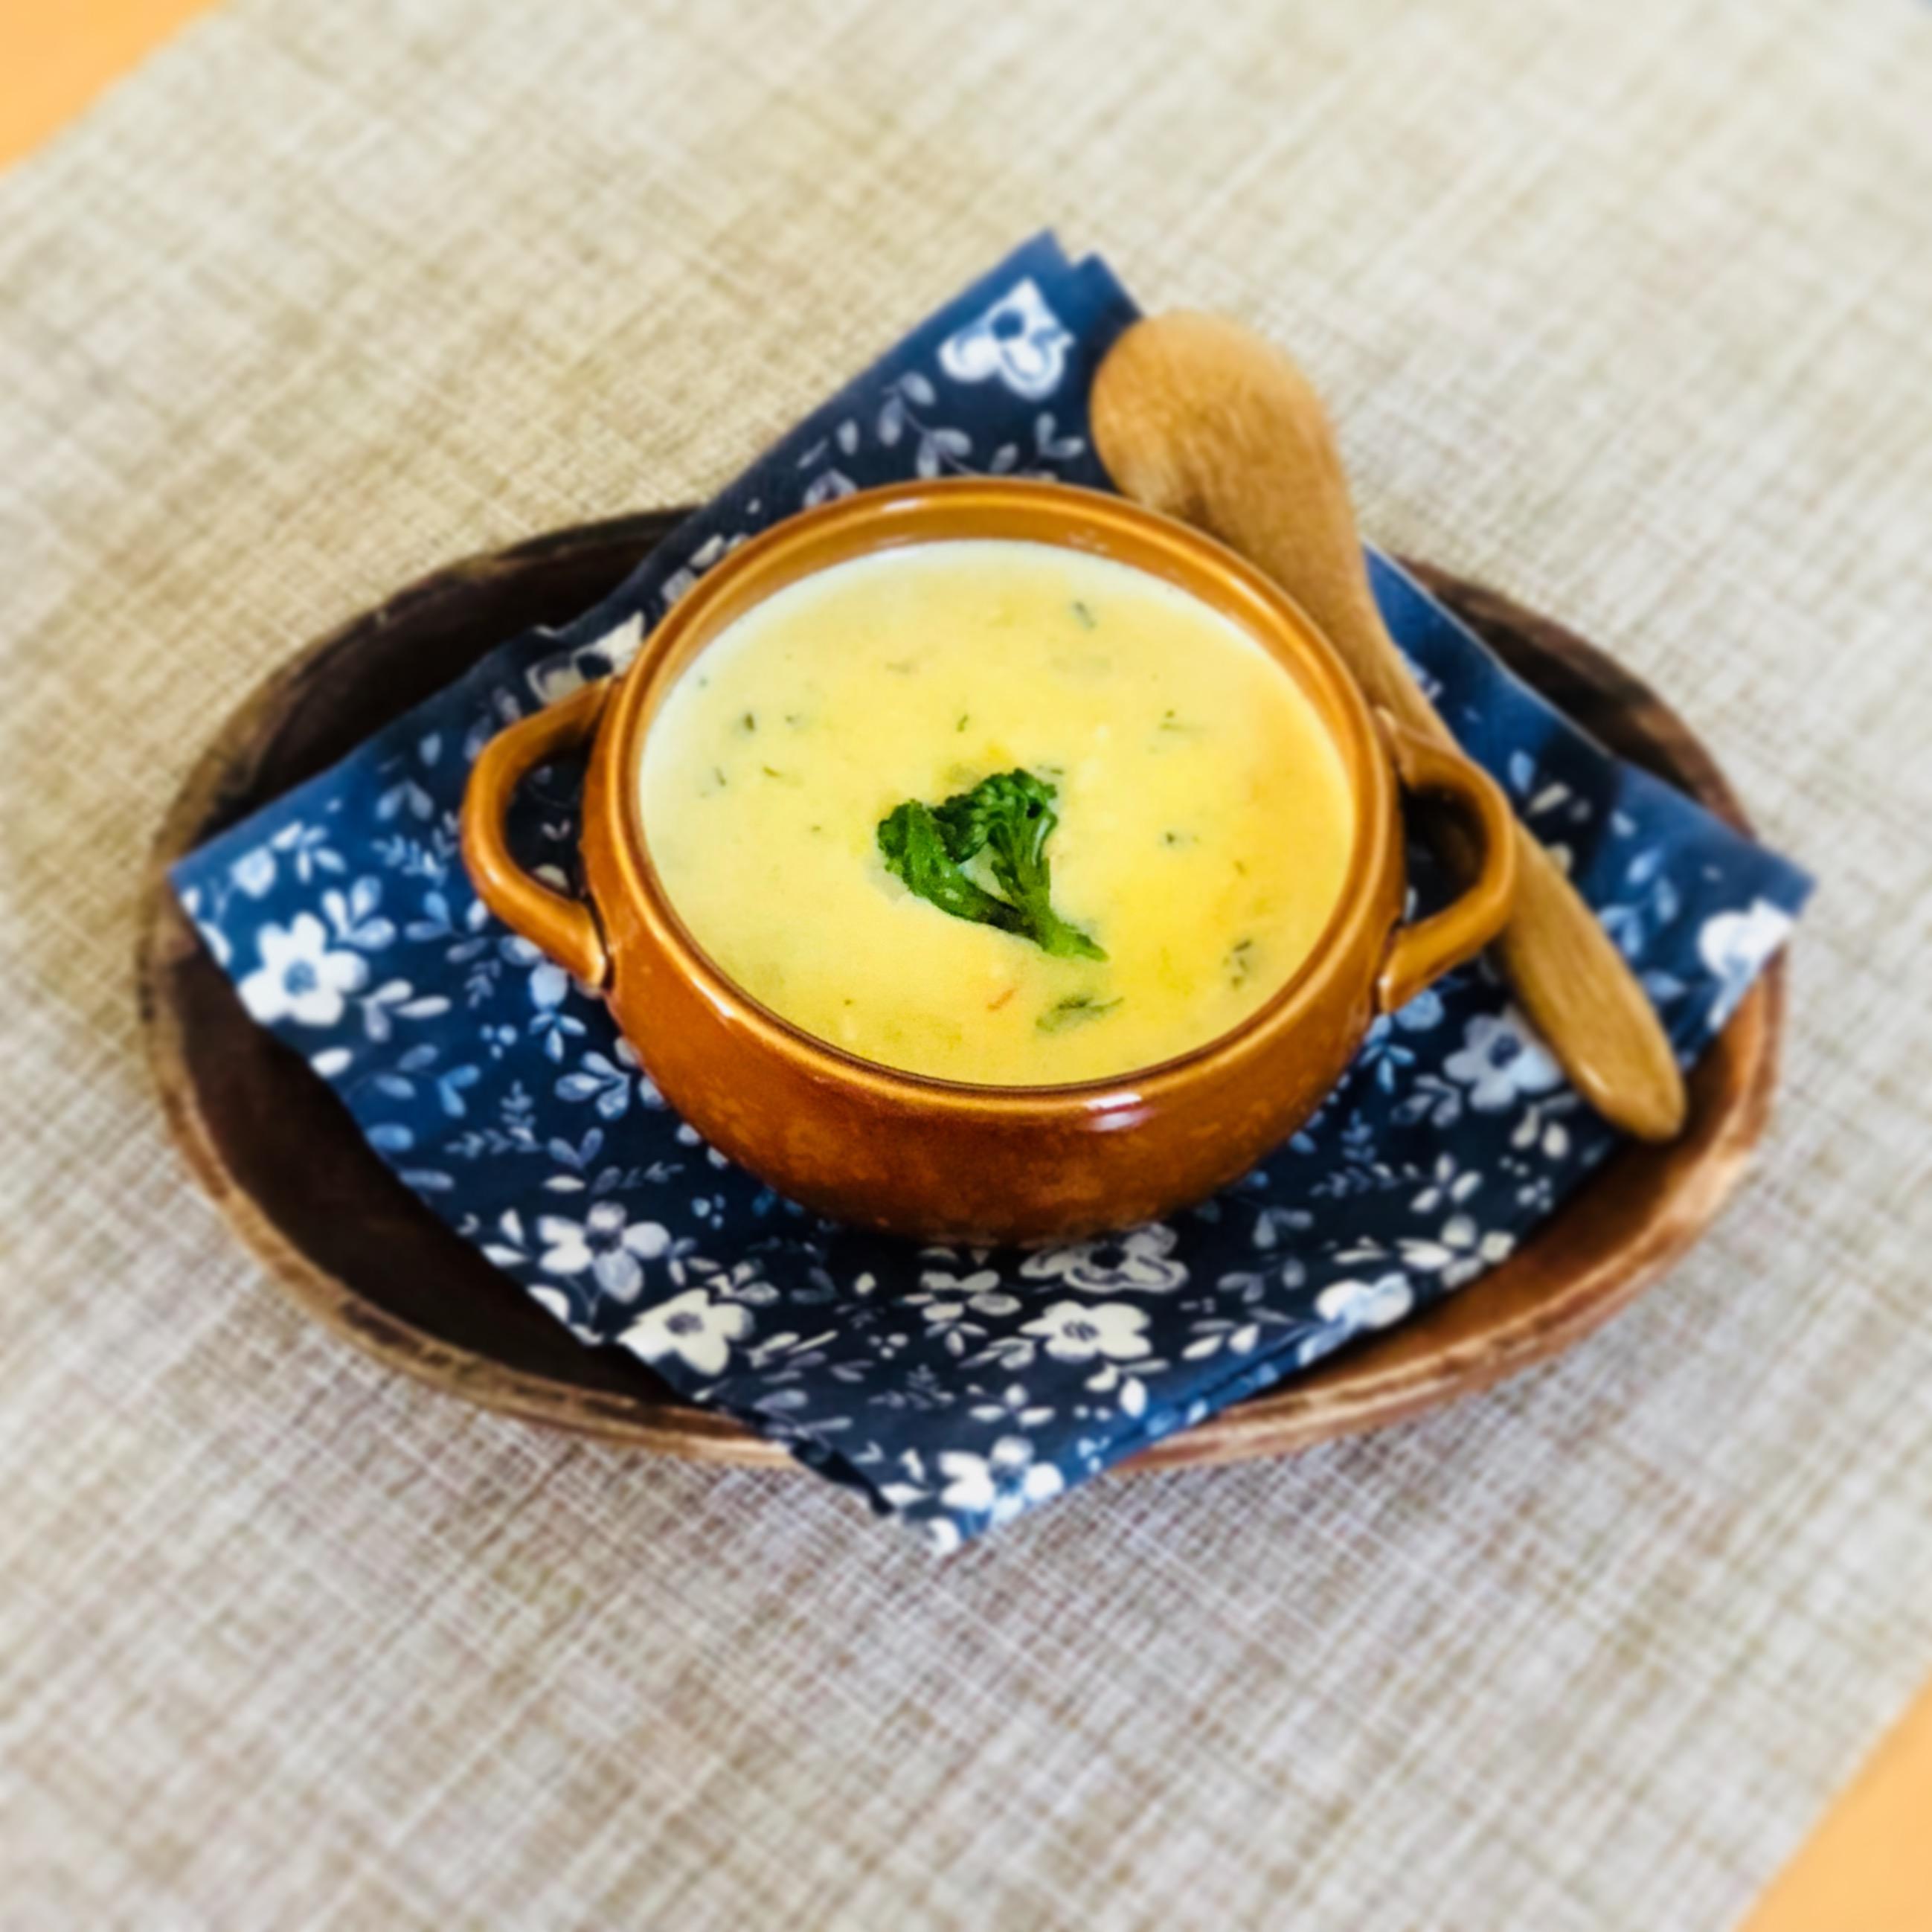 【離乳食後期】鶏ささみと野菜の豆乳コーンスープ